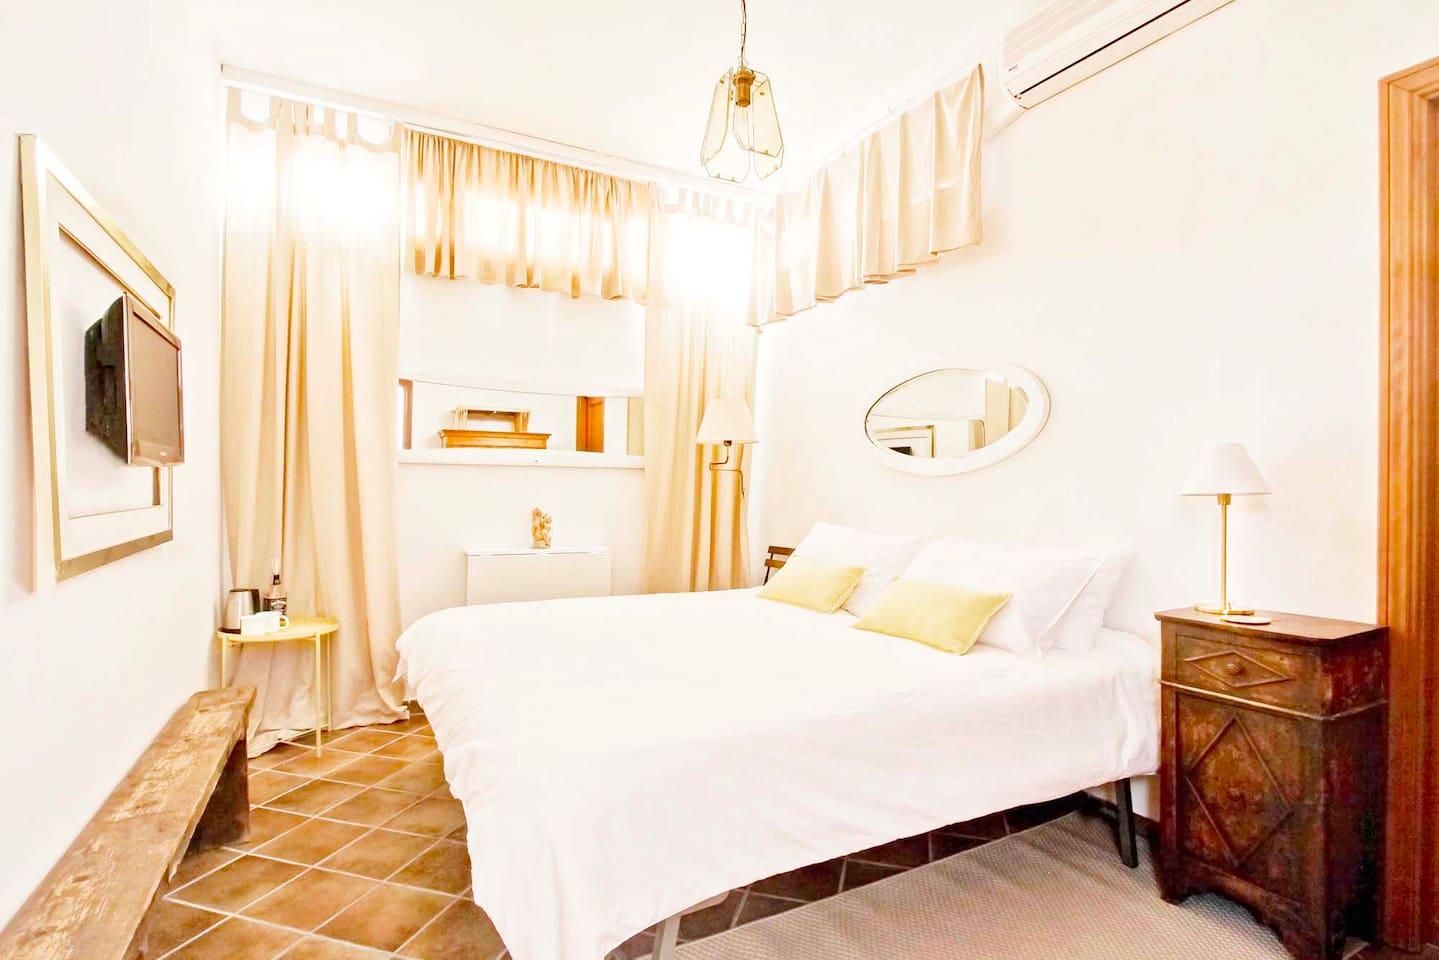 Foto Bagni Stile Country villa marta stanza zenzero - villas for rent in rome